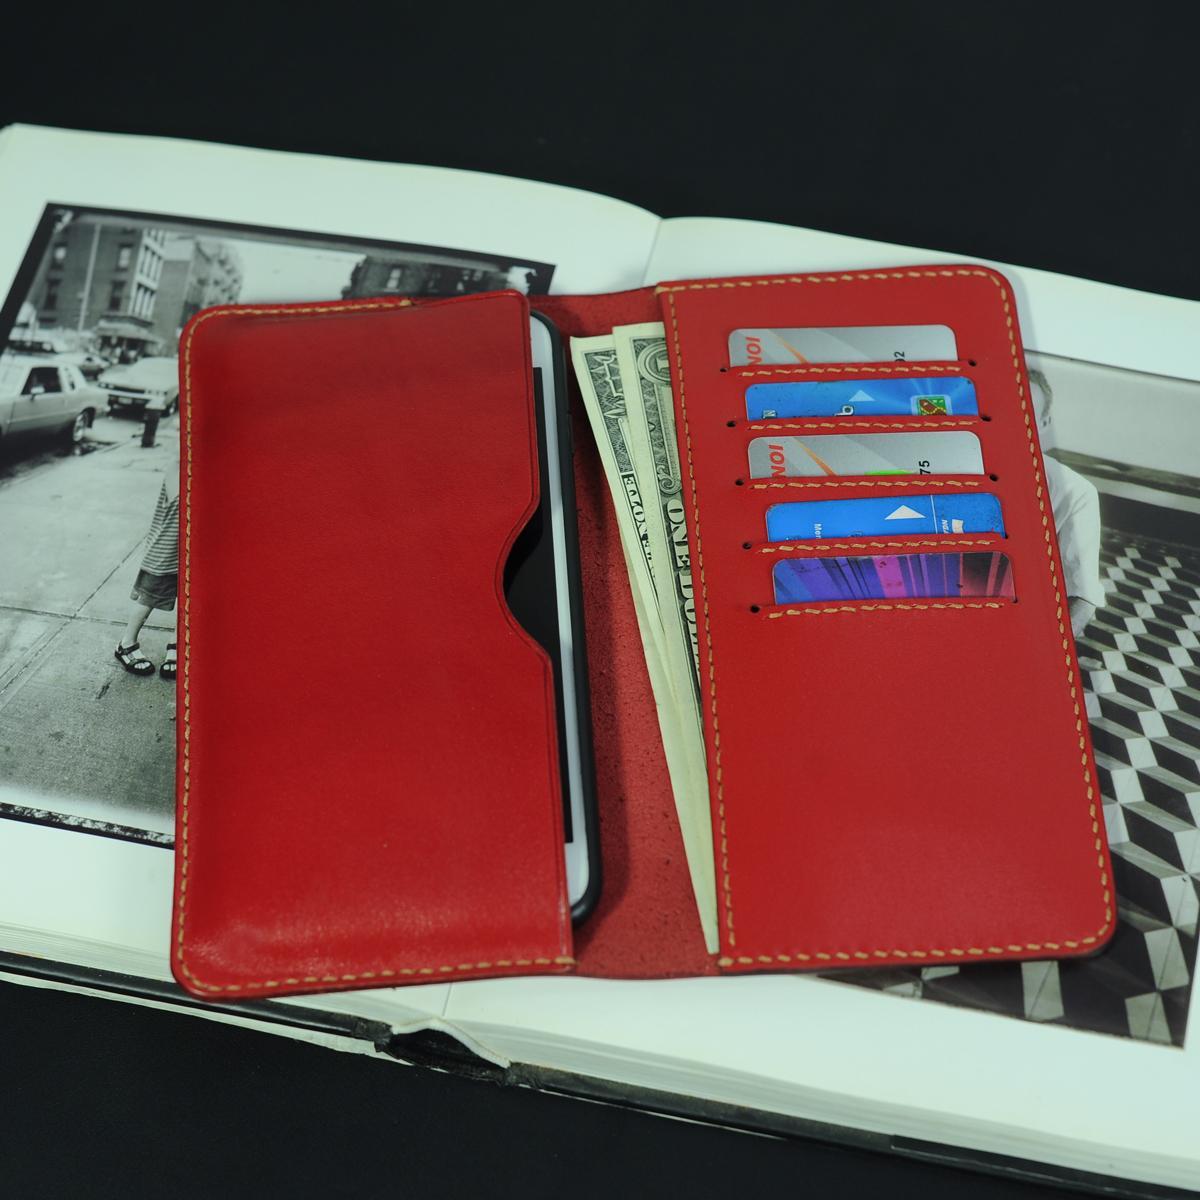 Ví dài cầm tay nữ kèm ngăn đựng điện thoại - Đồ da Handmade - Da bò nhập khẩu VI554